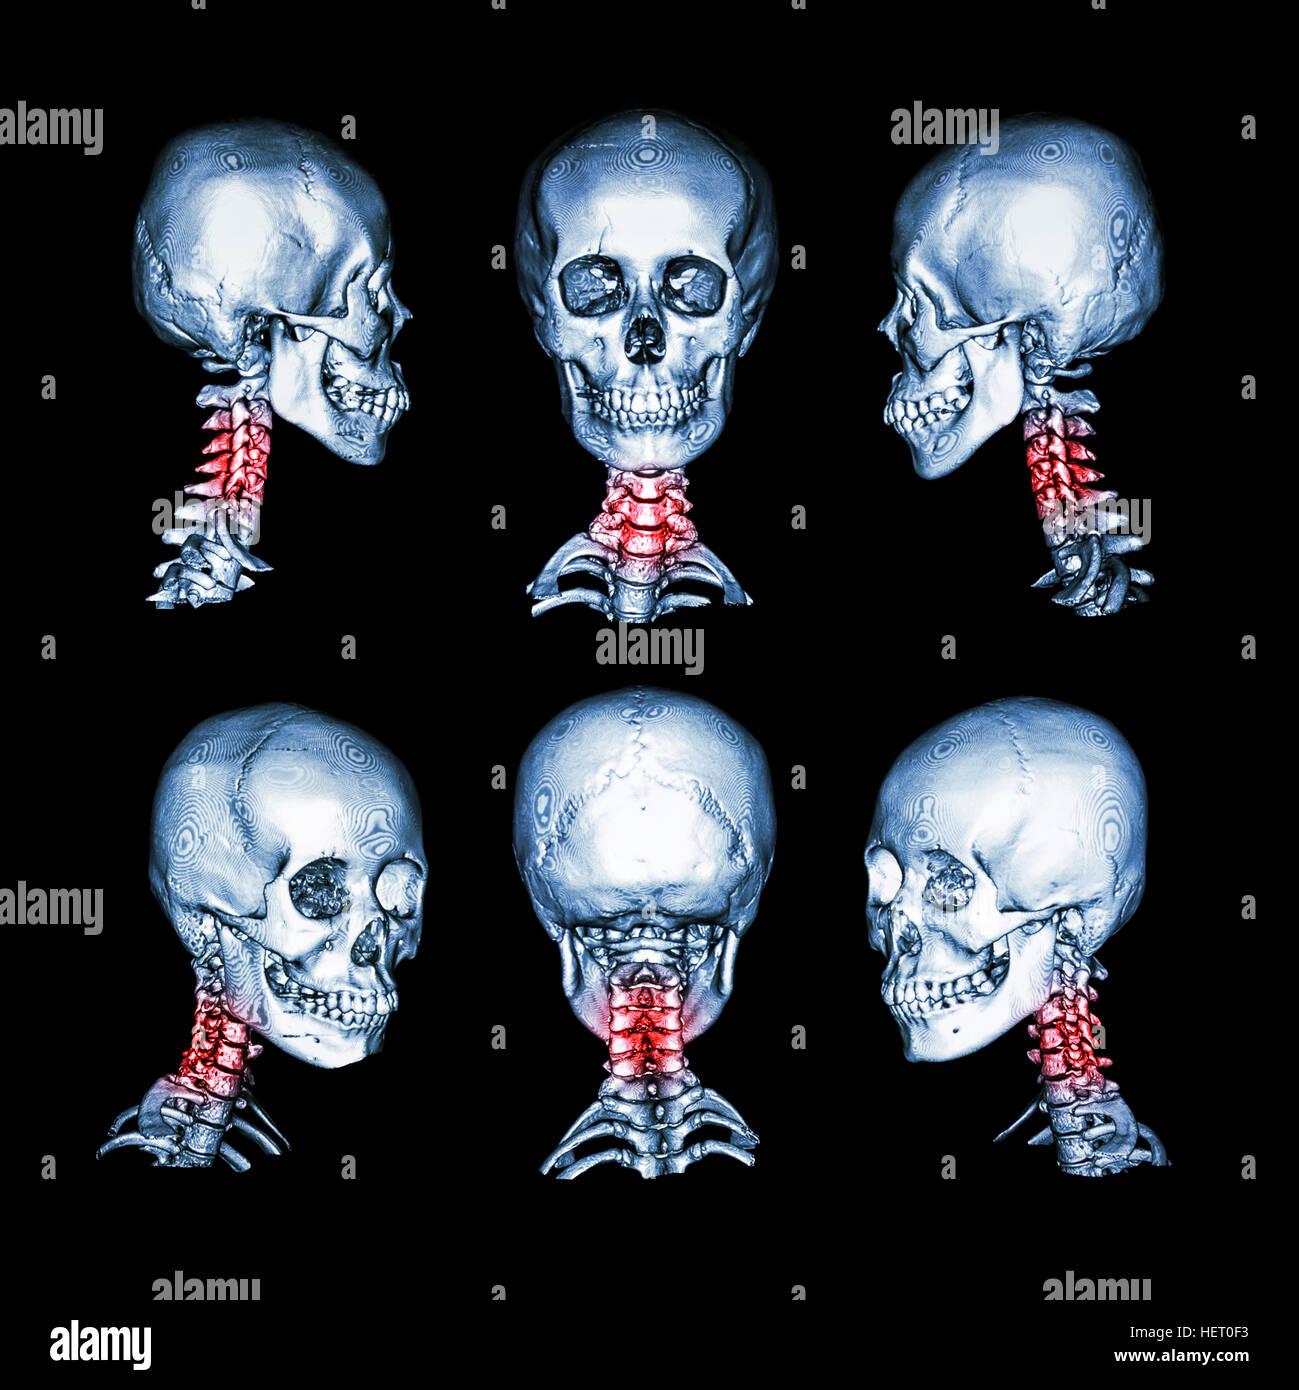 CT scan and 3D image of skull and neck . Use this image for cervical spondylosis , spondylolisthesis , spondylitis - Stock Image